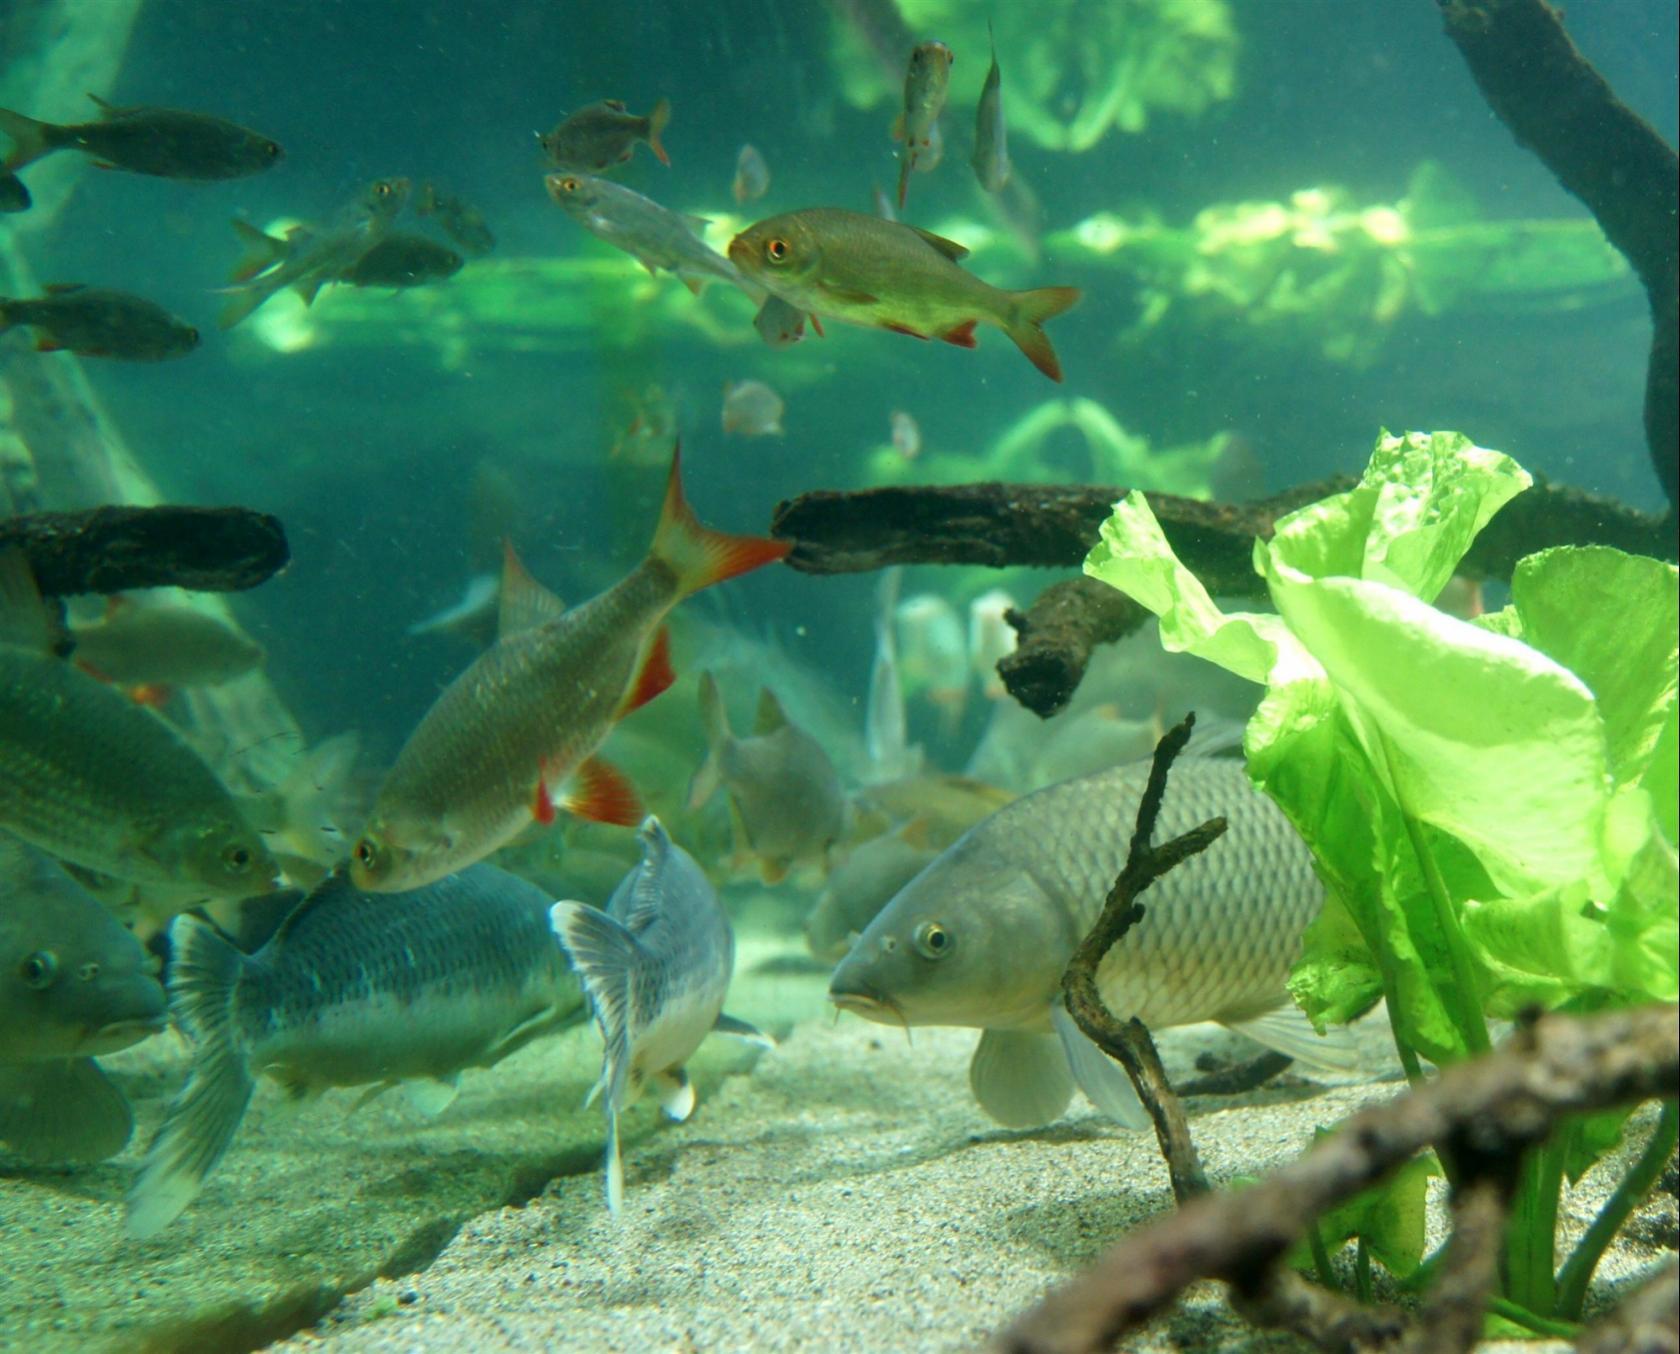 L'aquarium des curieux de nature Belle-Isle-en-Terre